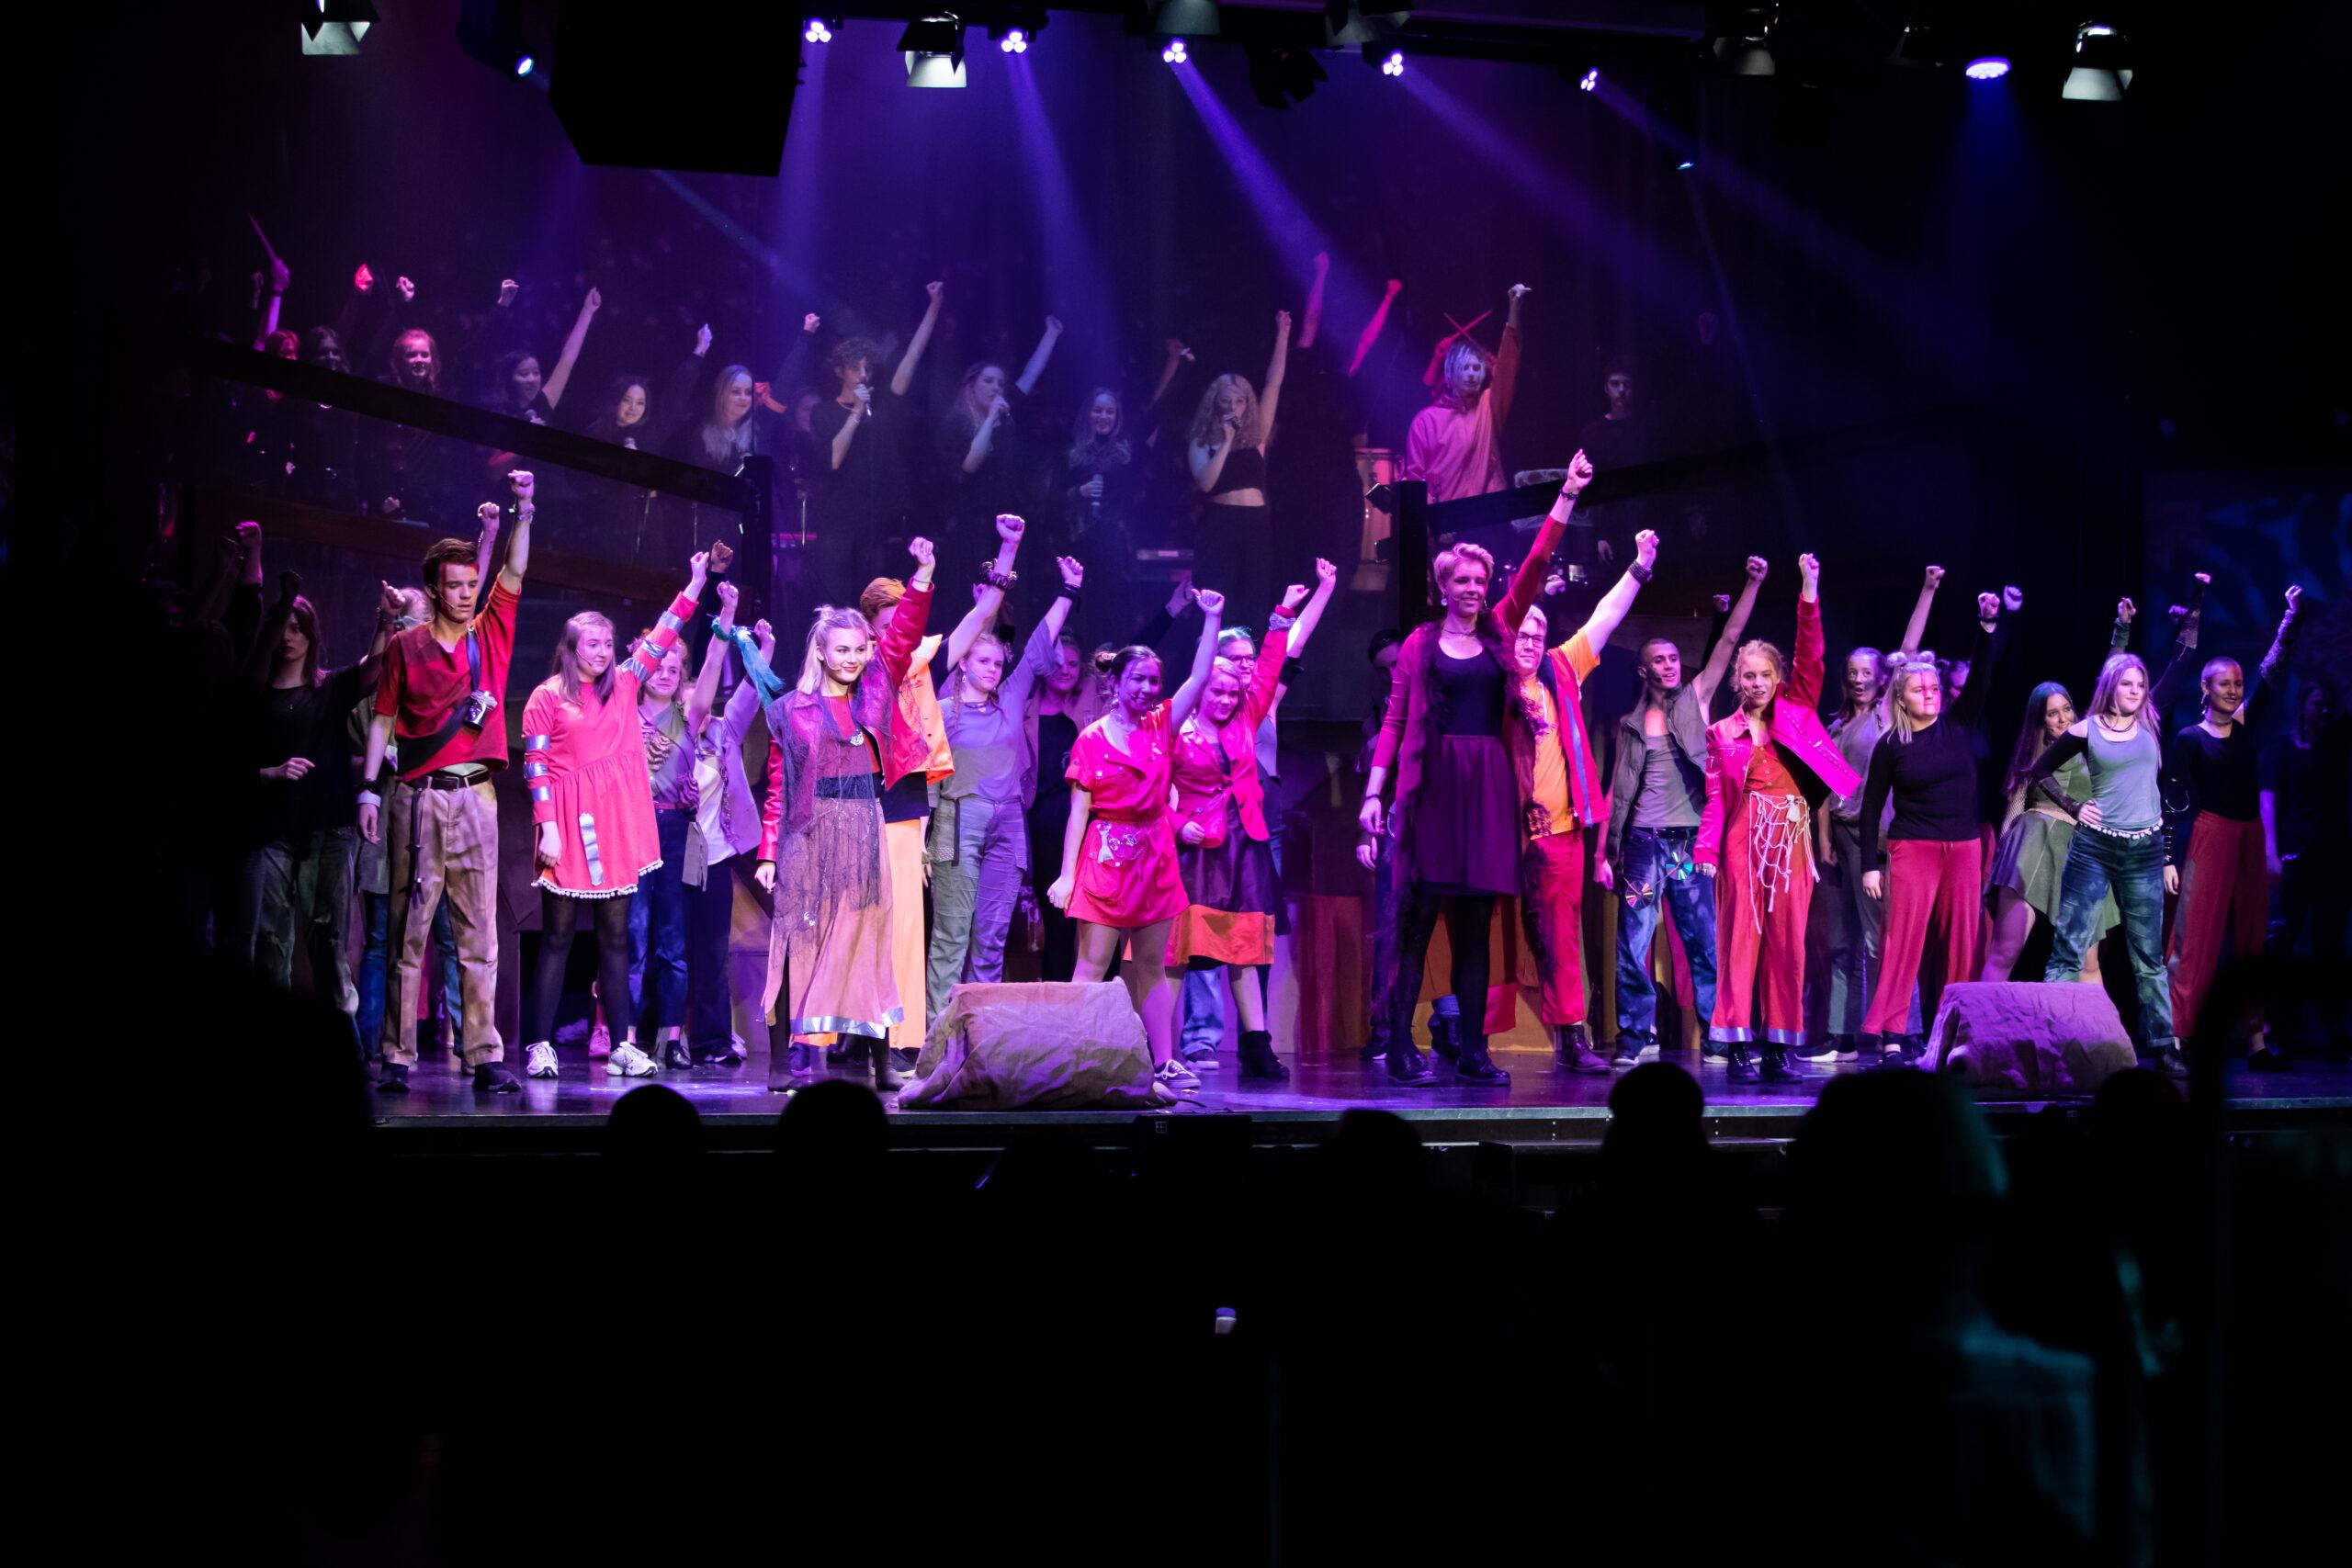 Efterskole fællesskab på scenen med varme værdier og performance